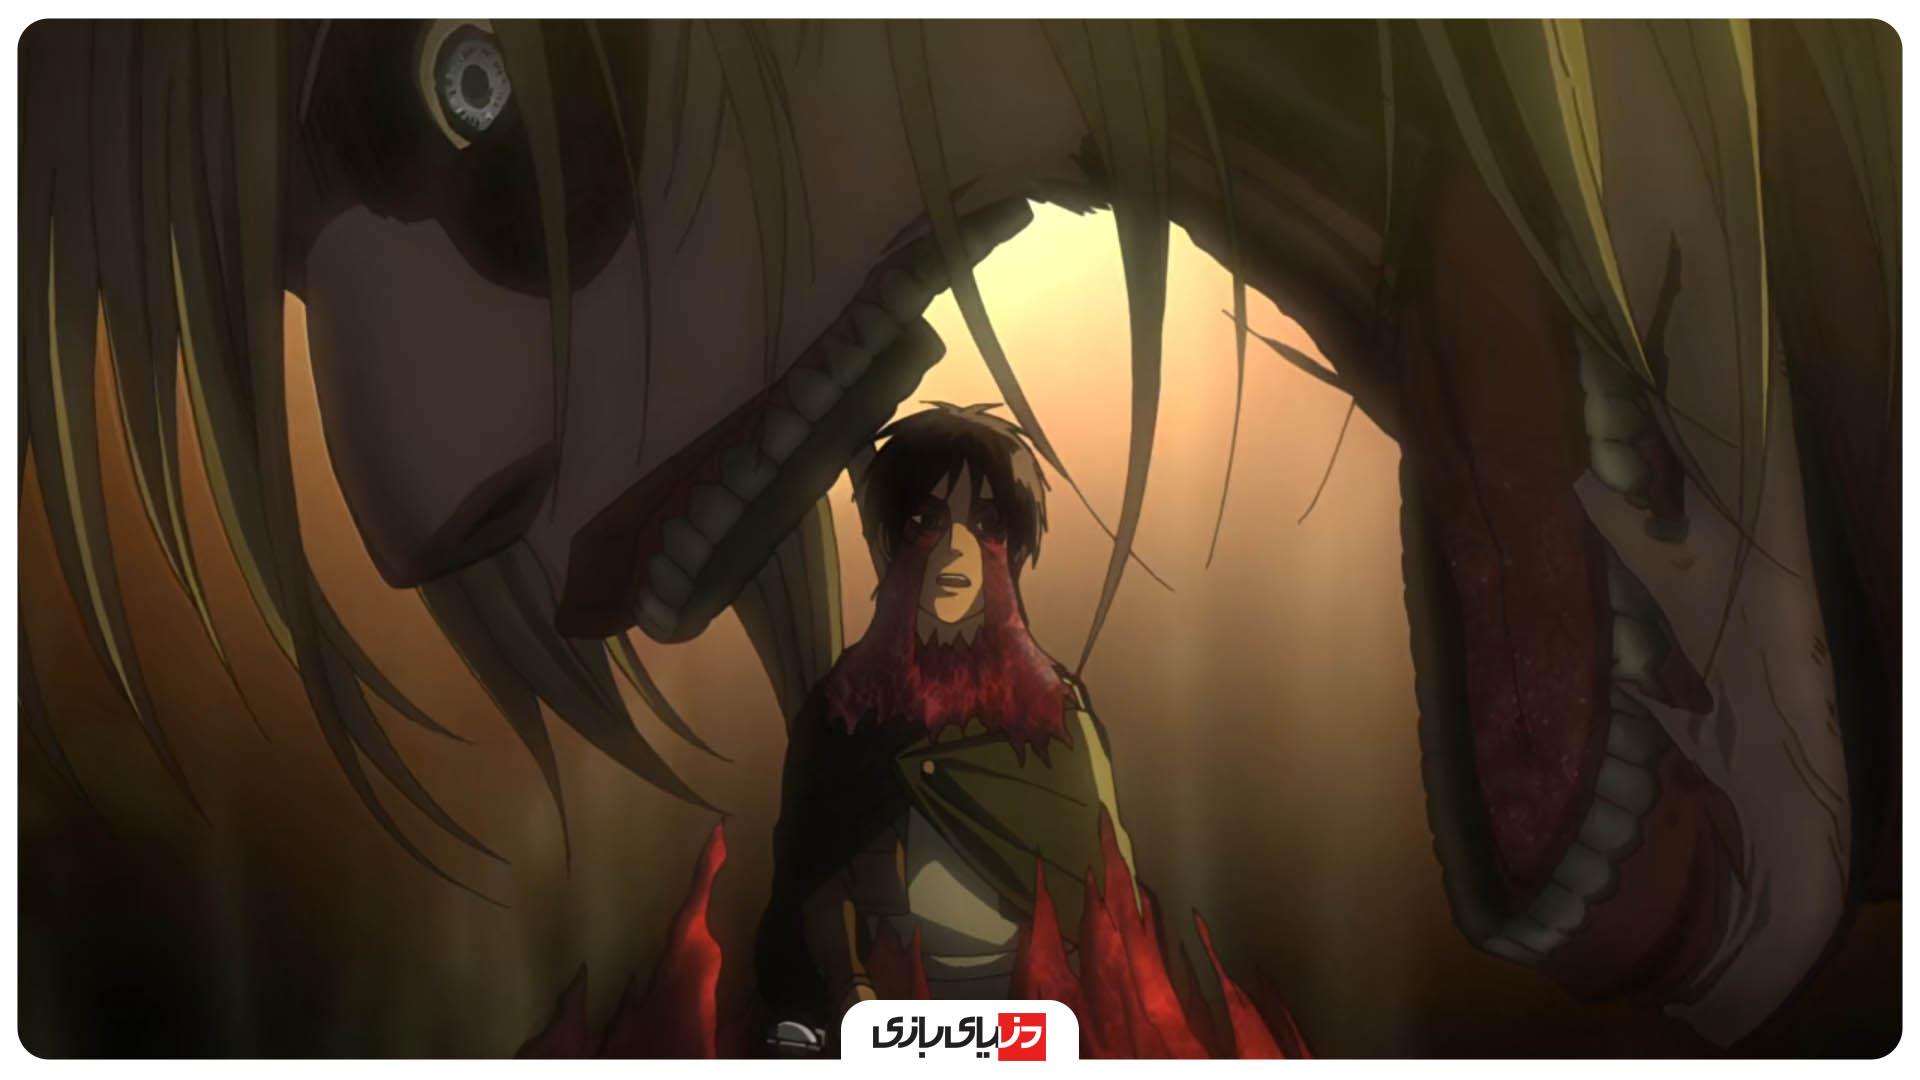 بهترین قسمت های انیمه Attack on Titan